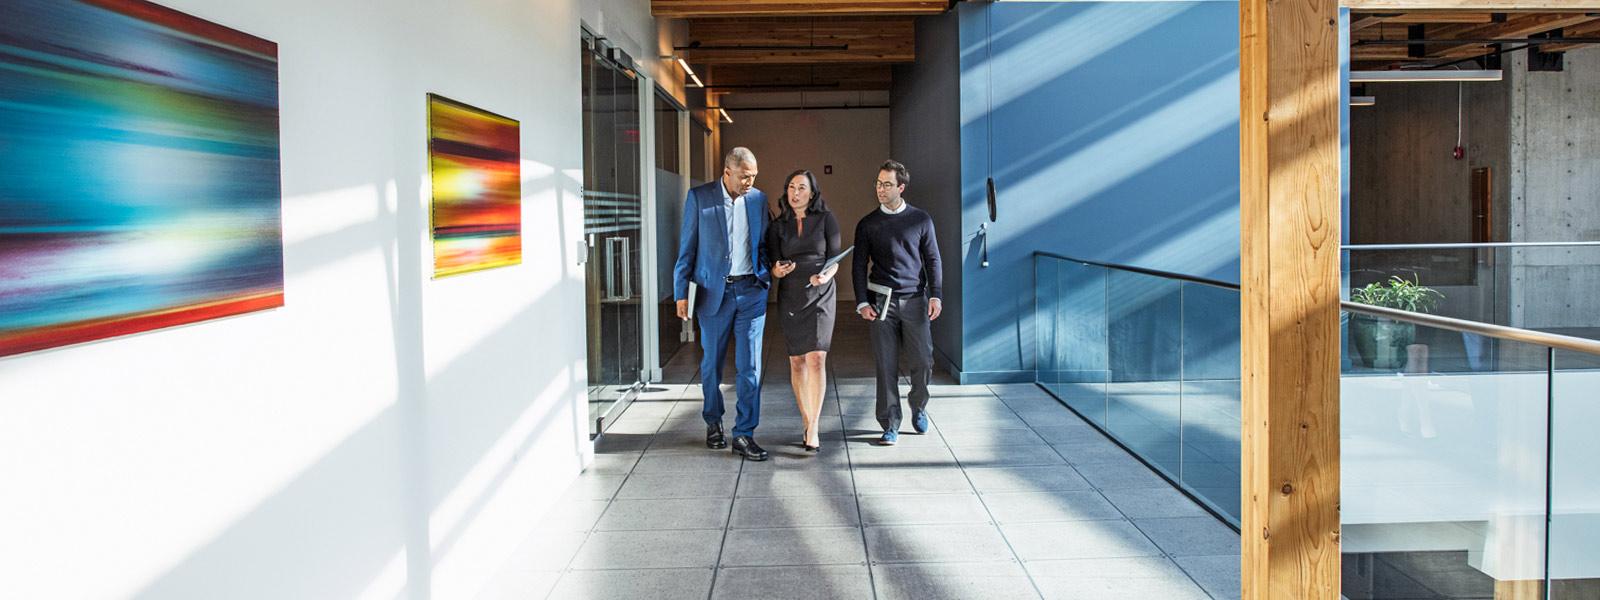 Personas que colaboran en el pasillo de una oficina